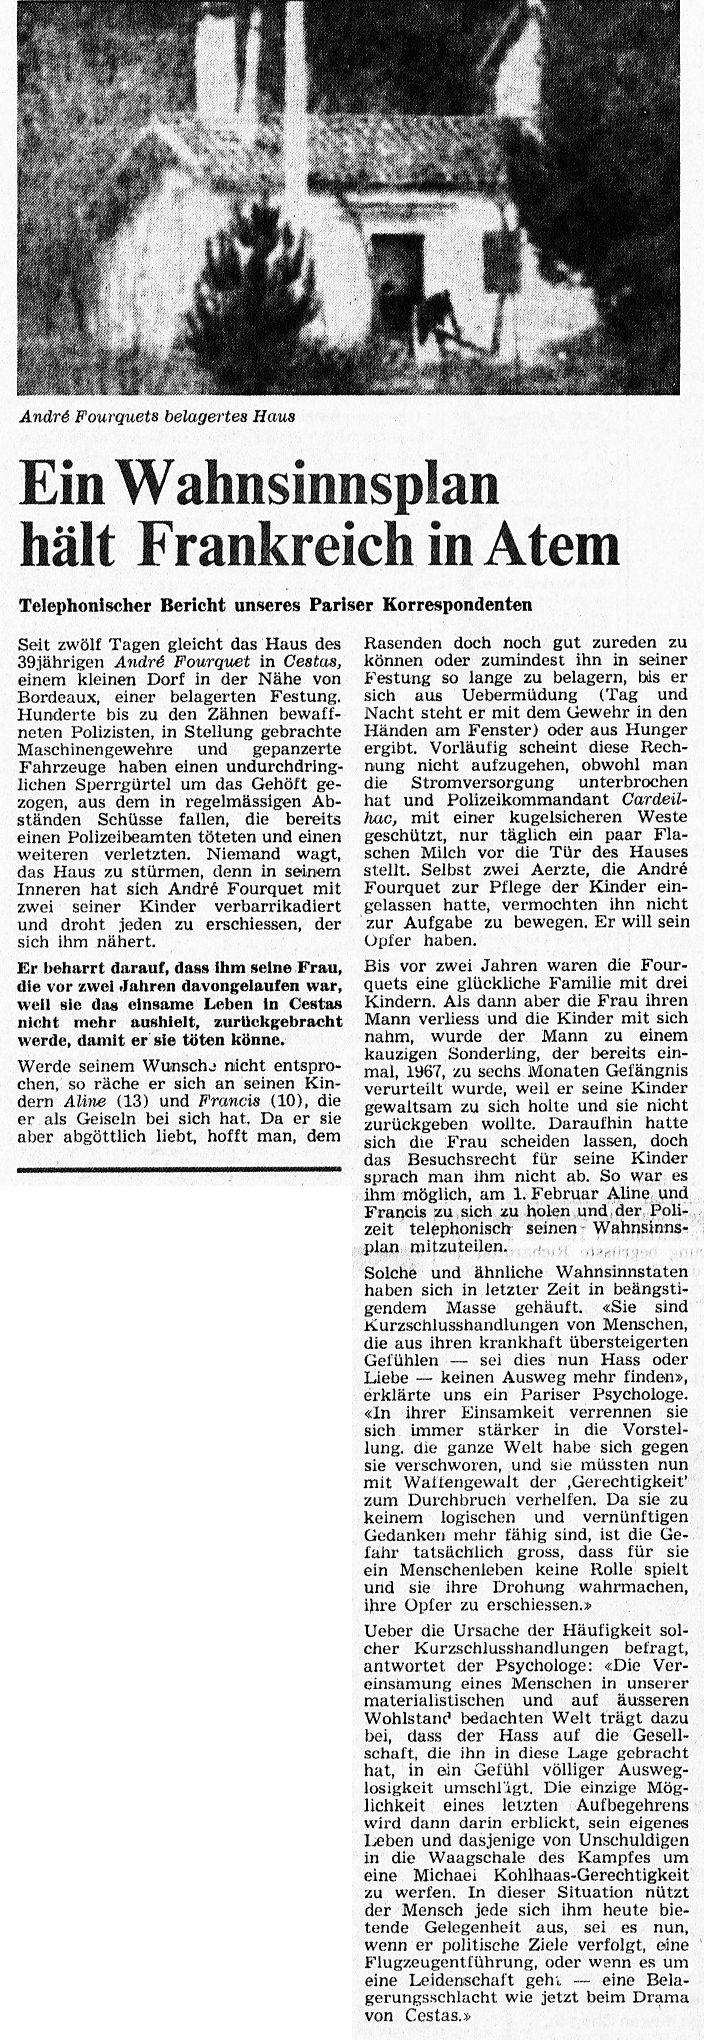 Die Tat, nº 39, 15/02/1969, p. 30